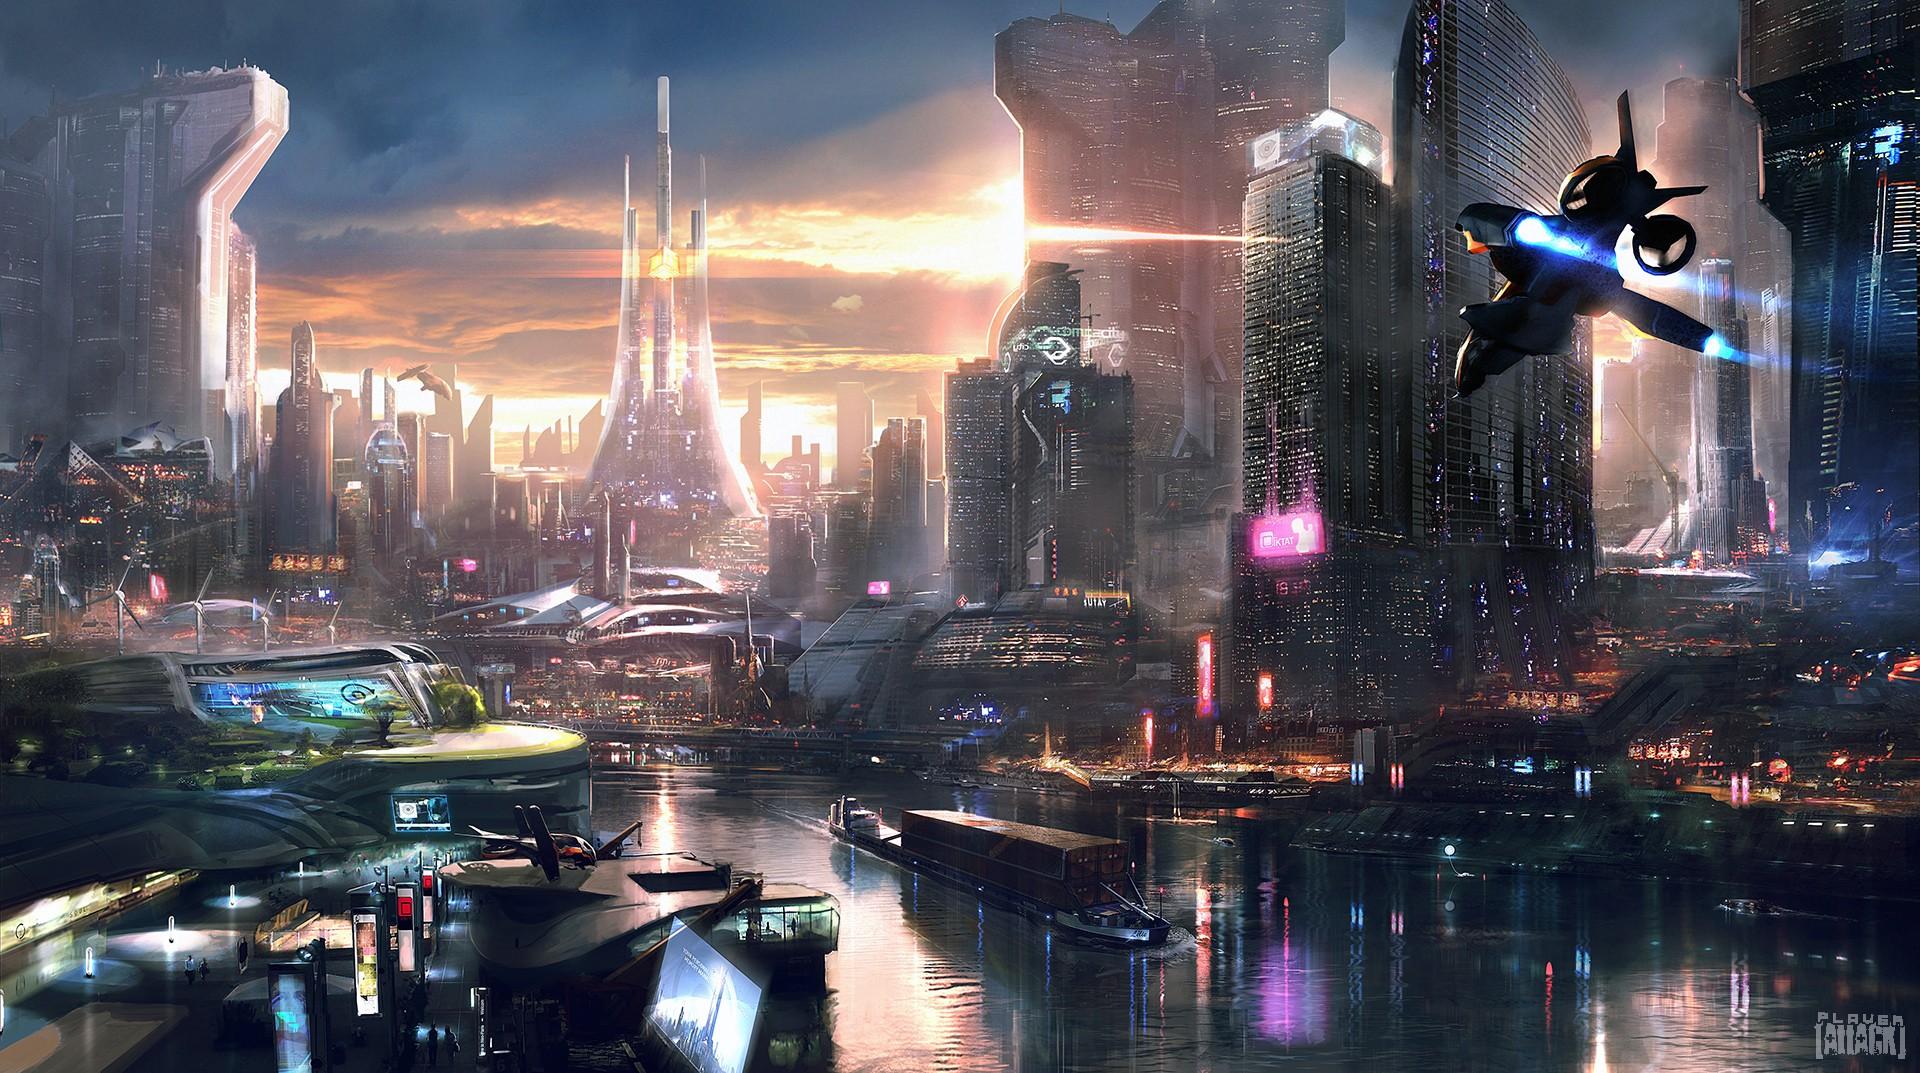 Remember-Me-game-city-art